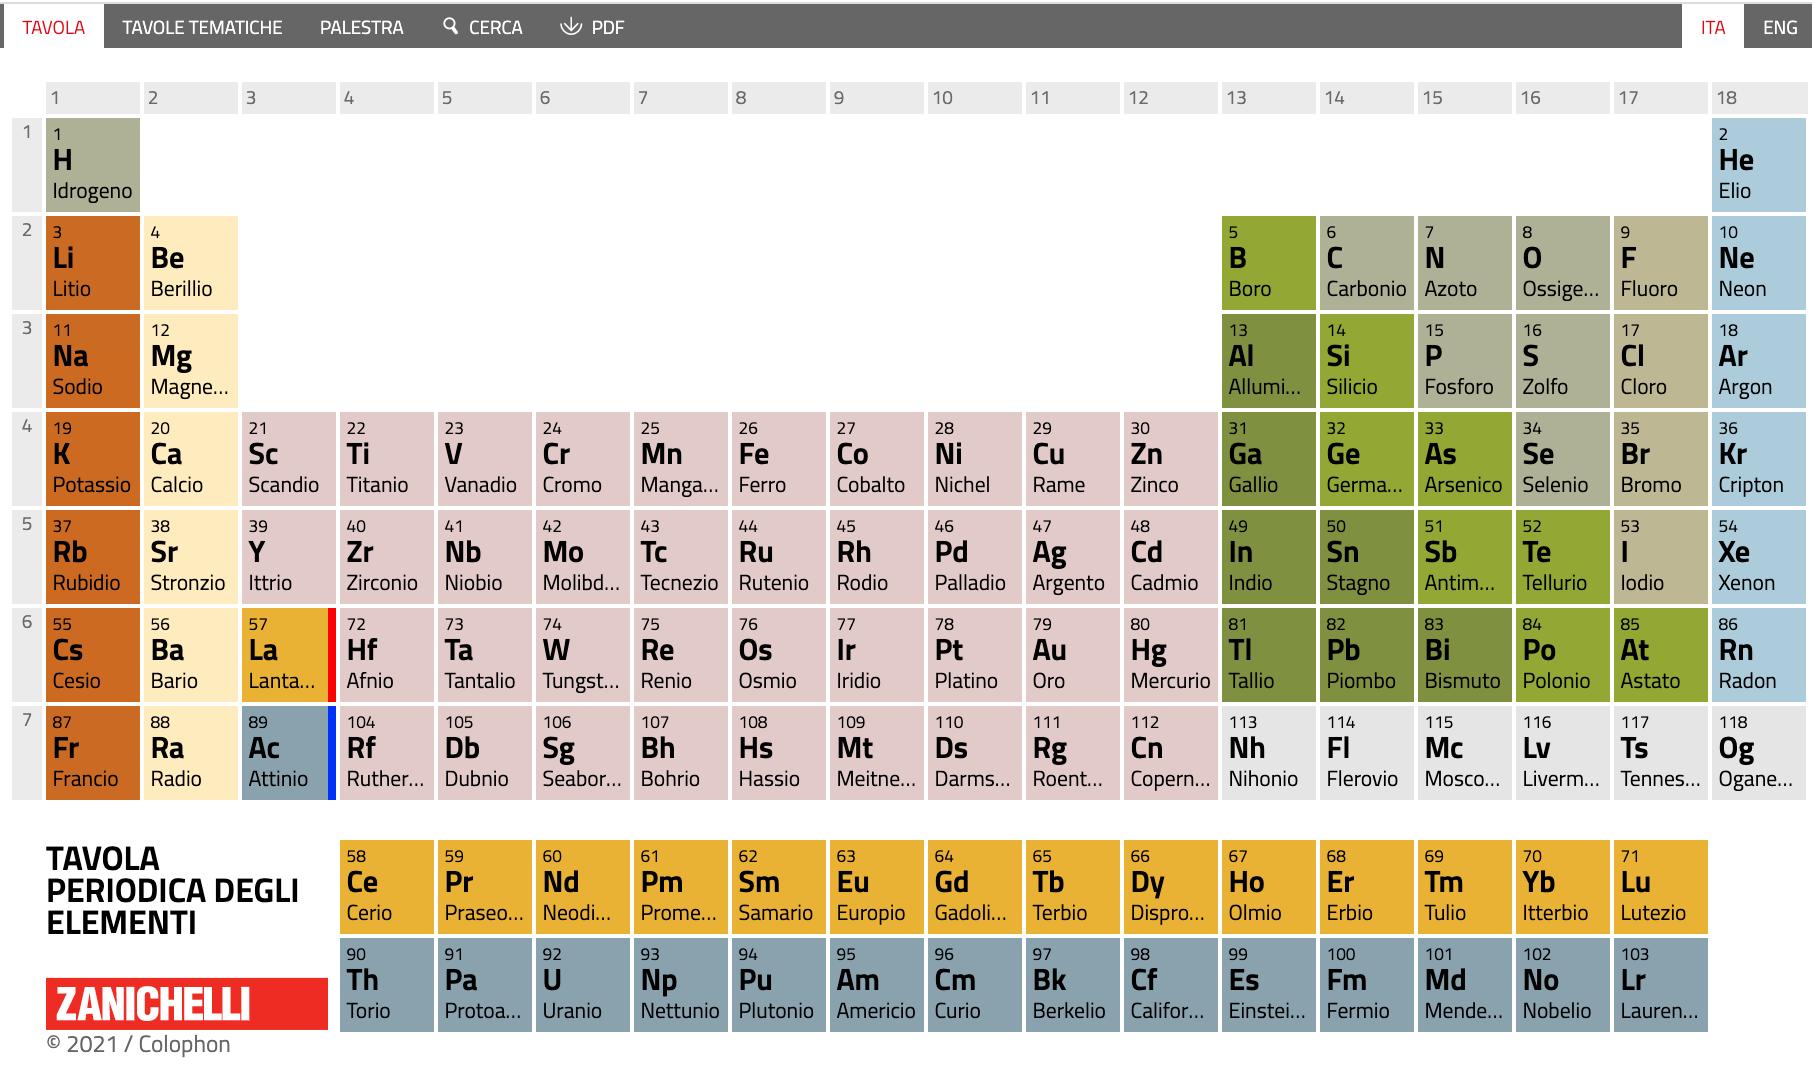 Tavola periodica degli elementi Zanichelli